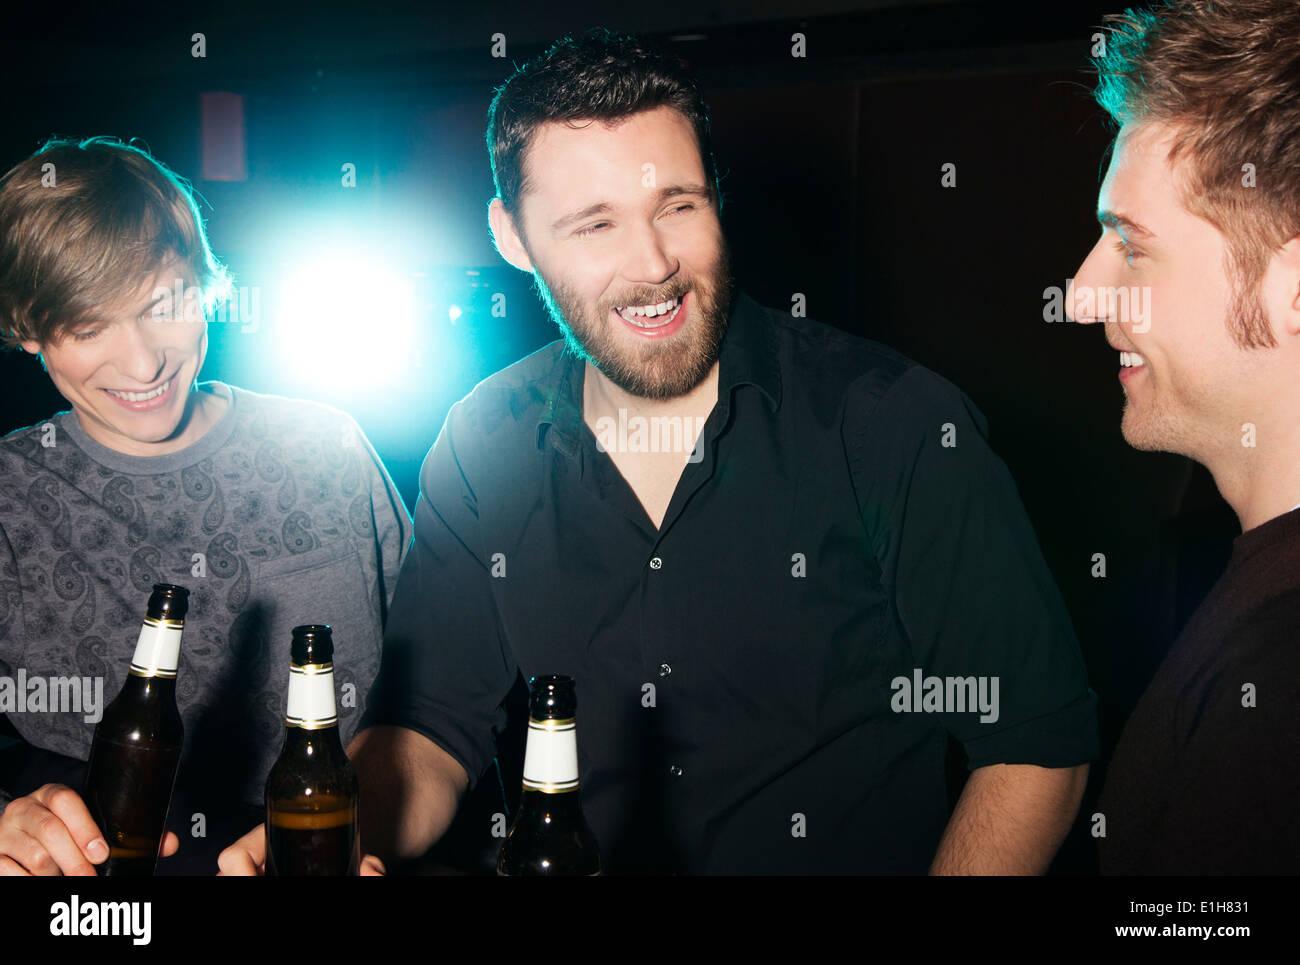 Tres amigos varones bebiendo cerveza embotellada en discoteca Foto de stock